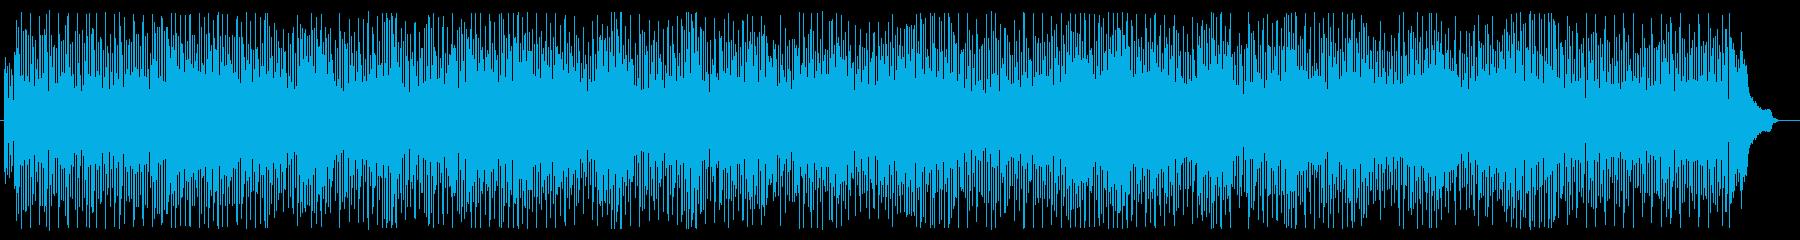 軽快で楽しくなるアップテンポな曲の再生済みの波形